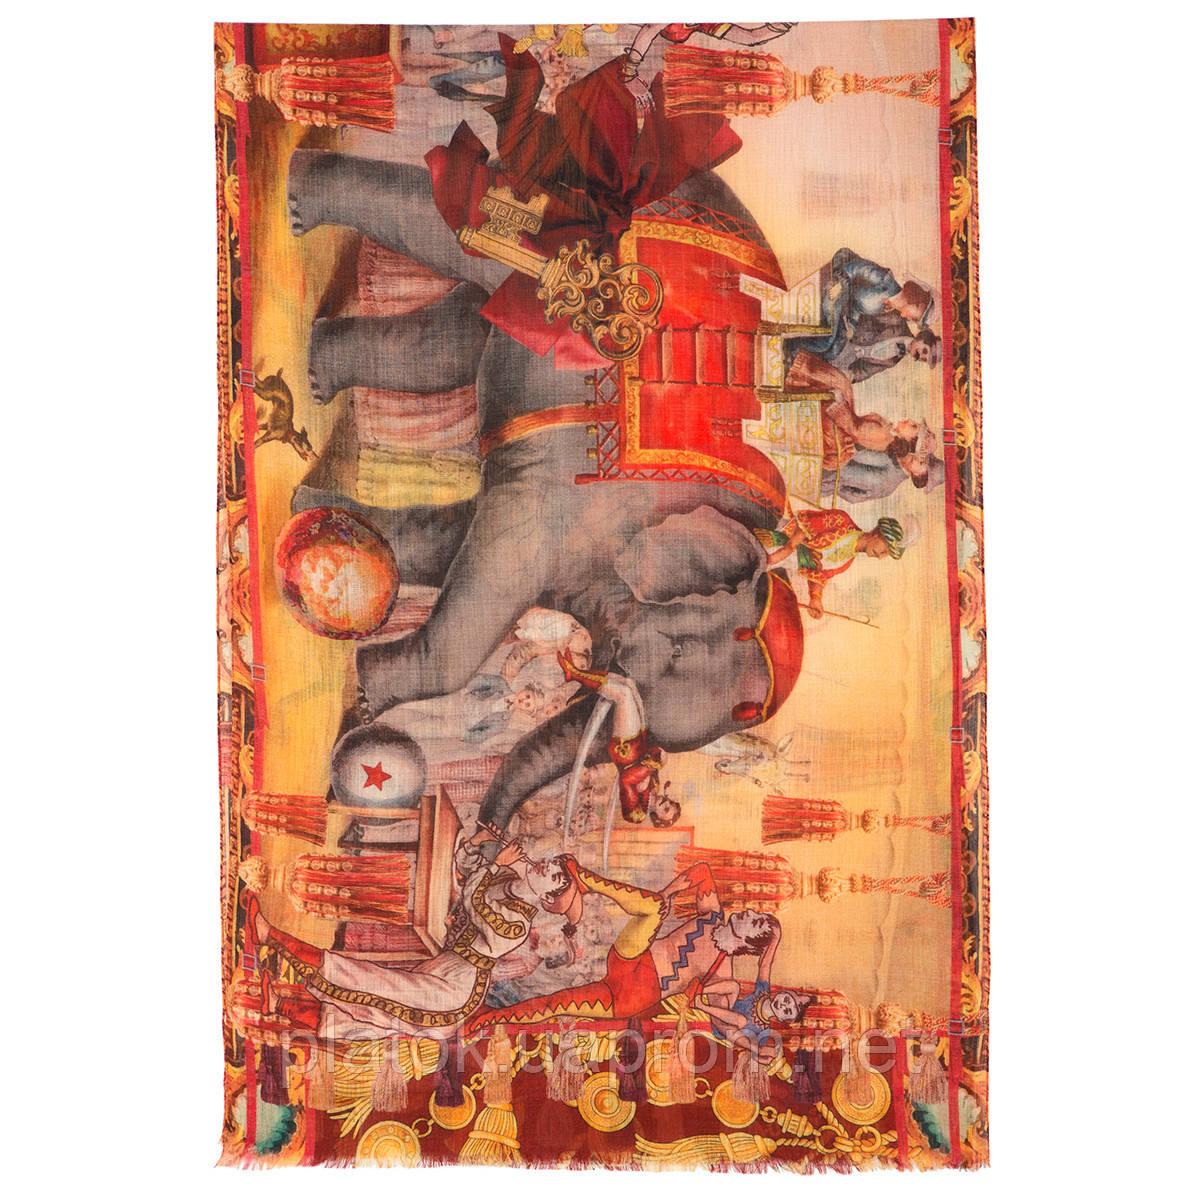 Палантин шерстяной 10497-2, павлопосадский шарф-палантин из разреженной шерсти